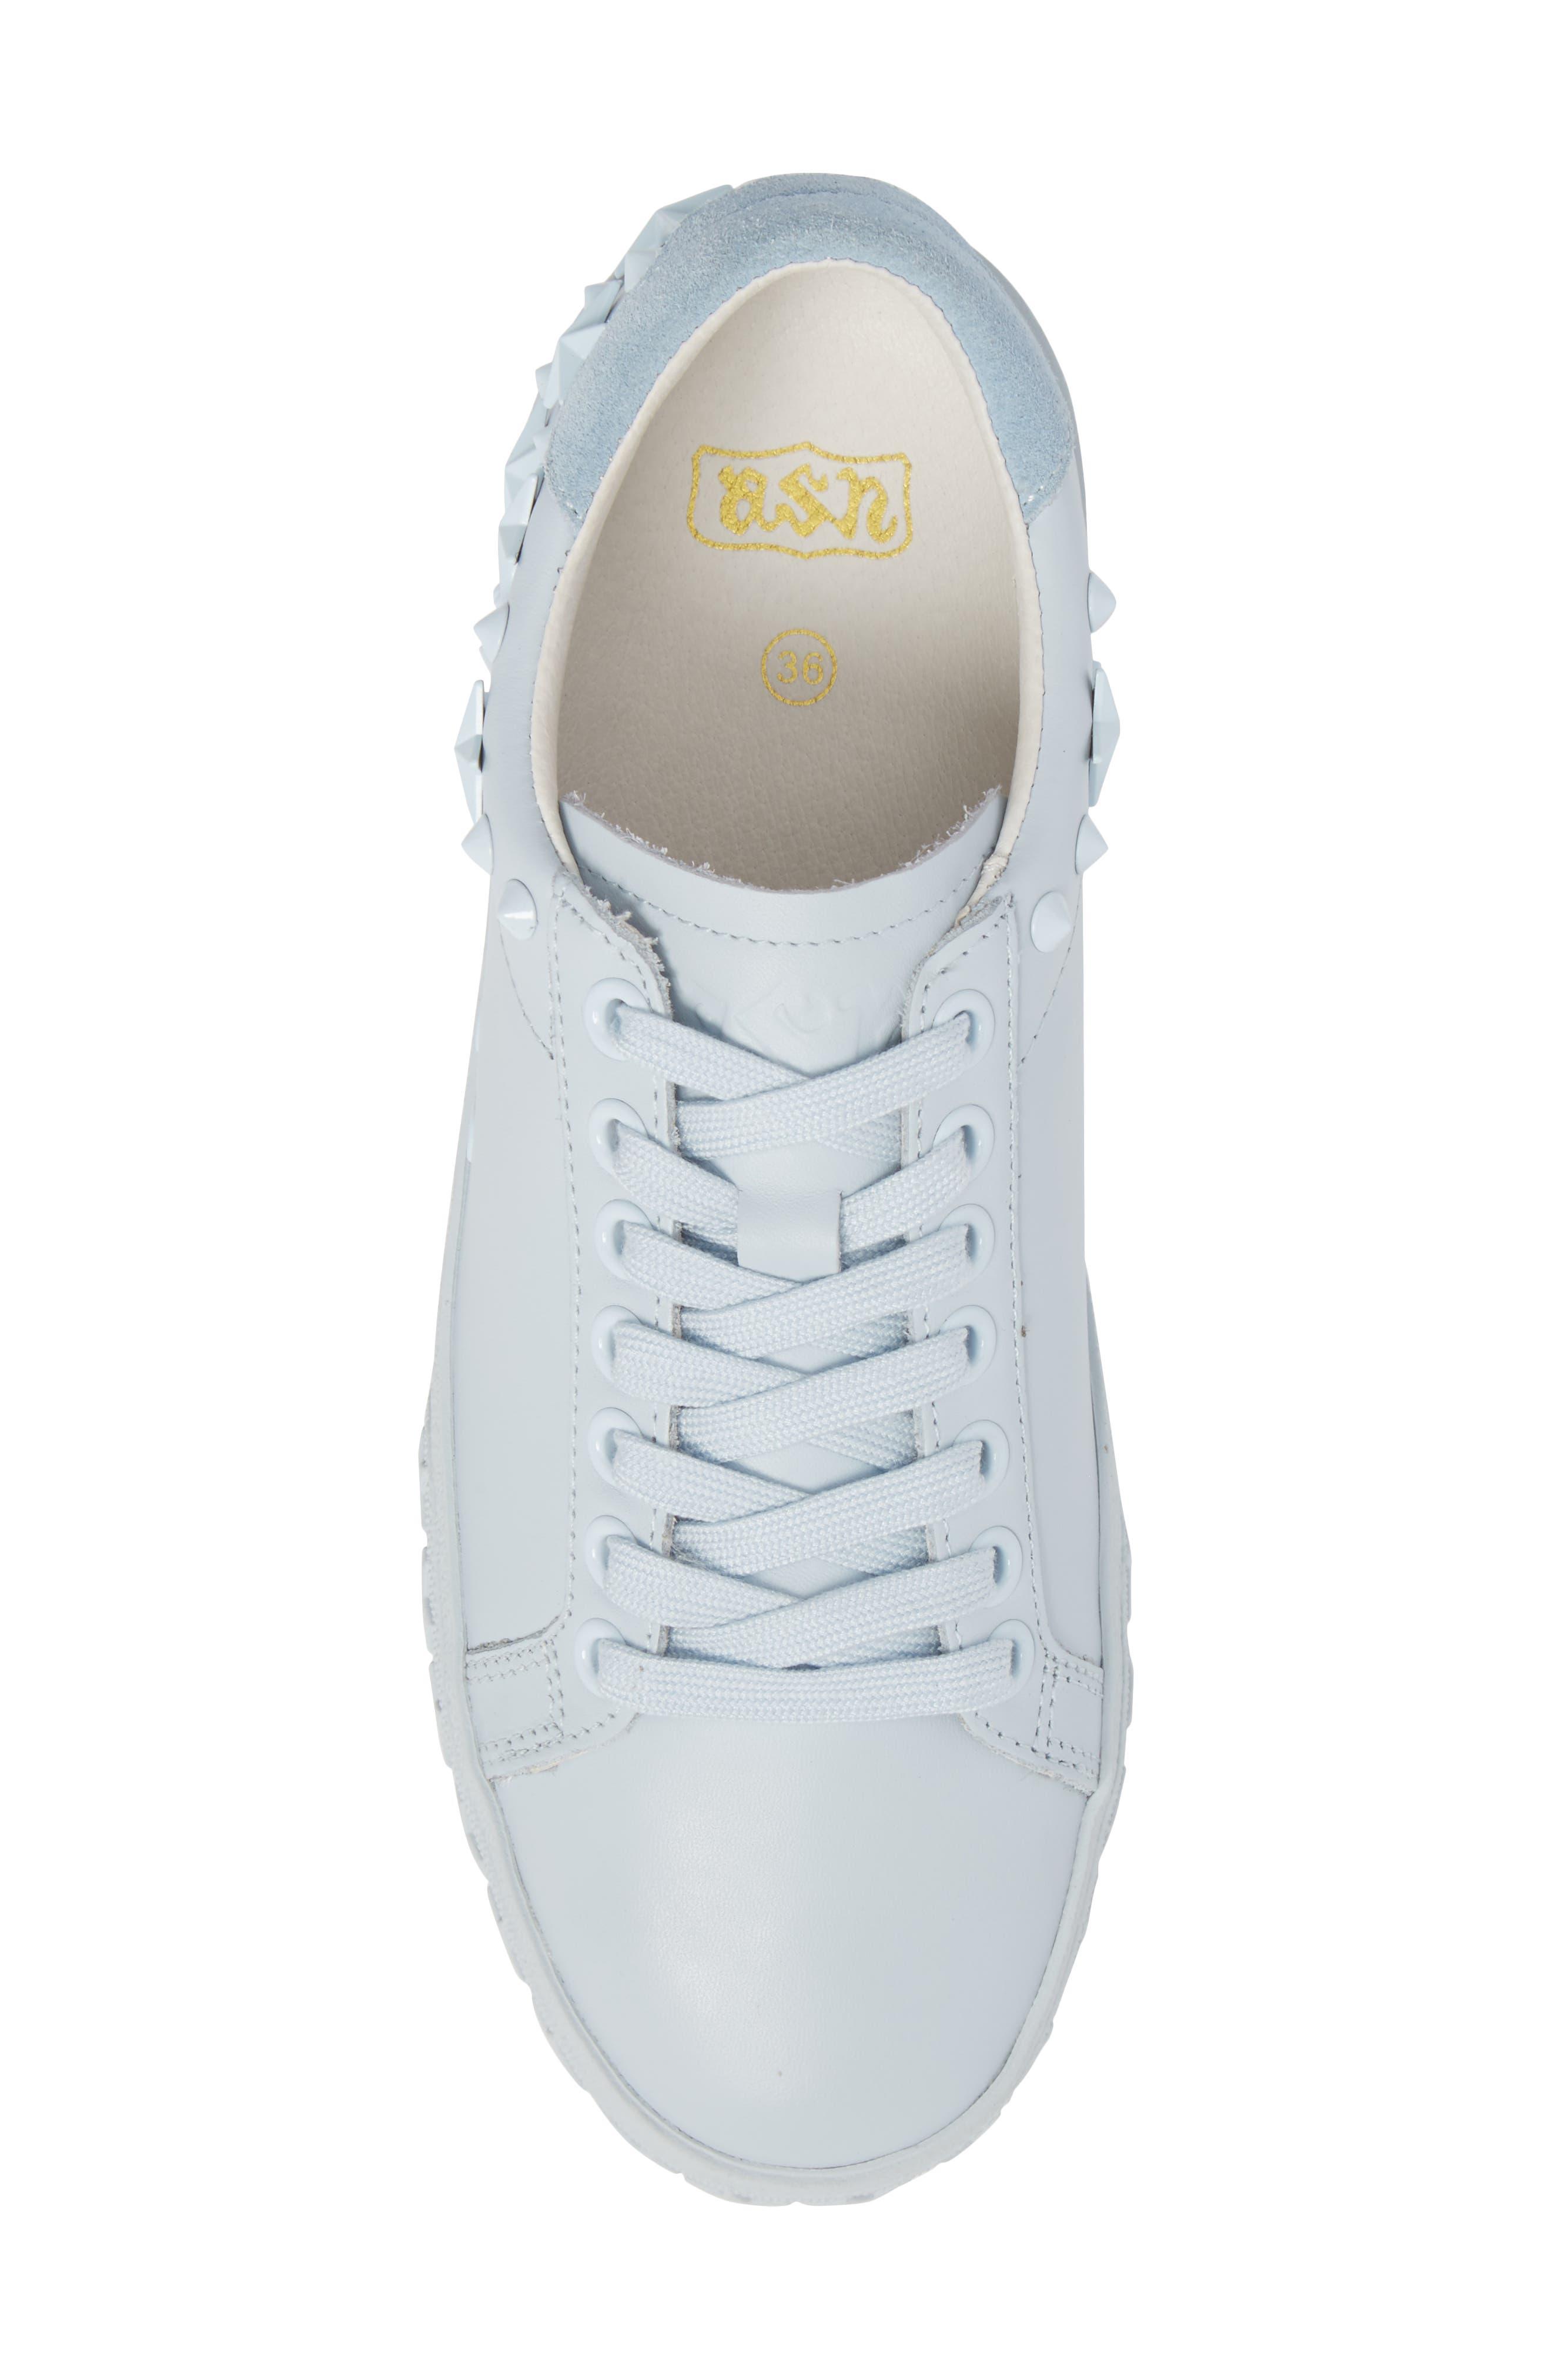 Dazed Sneaker,                             Alternate thumbnail 5, color,                             Ice Blue